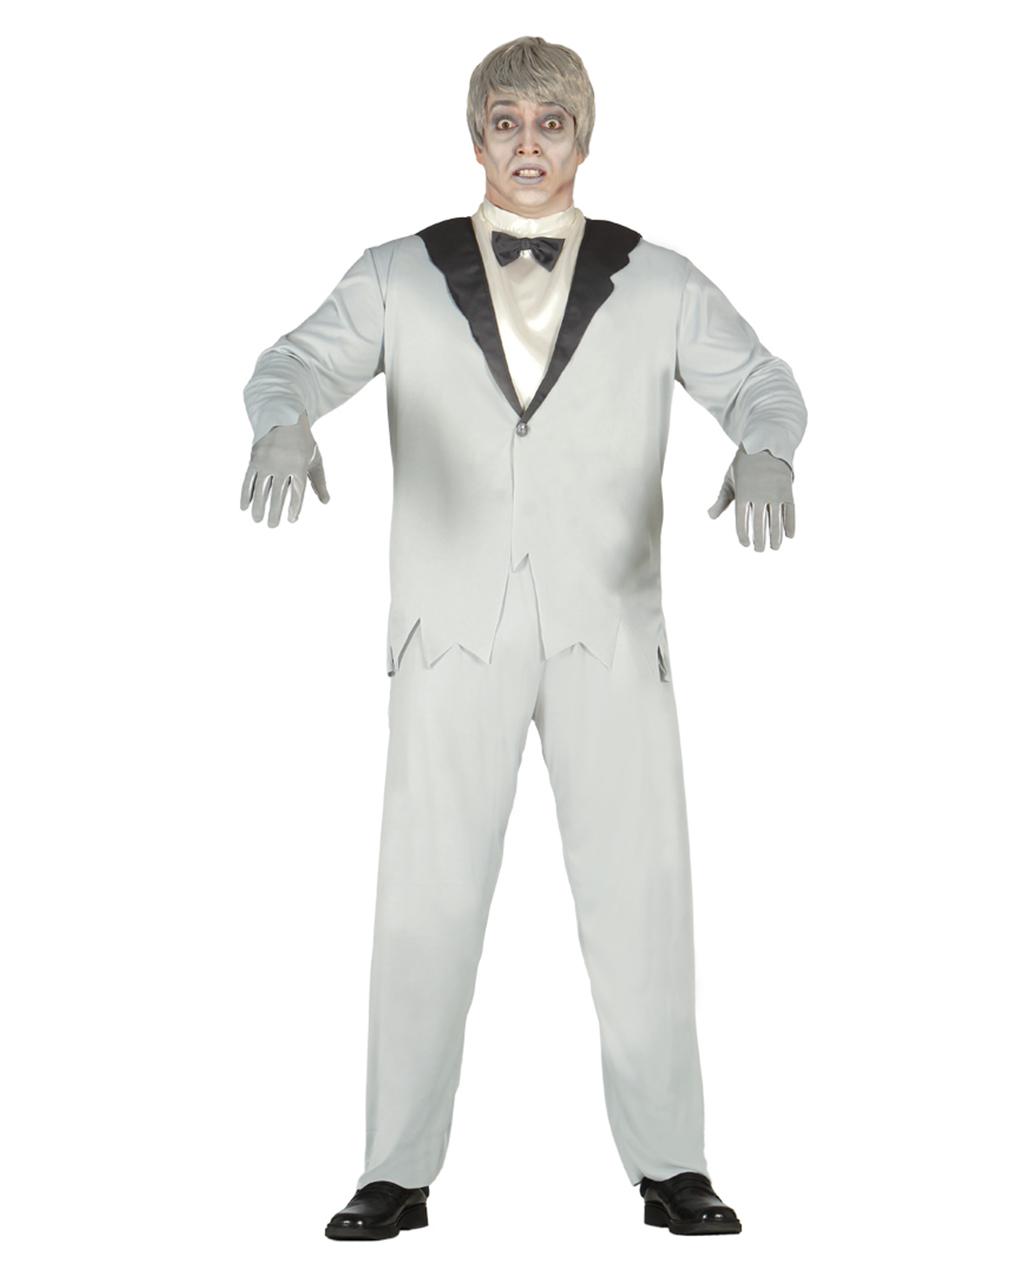 Elegantes Geister Brautigam Kostum Fur Ein Gruseliges Halloween